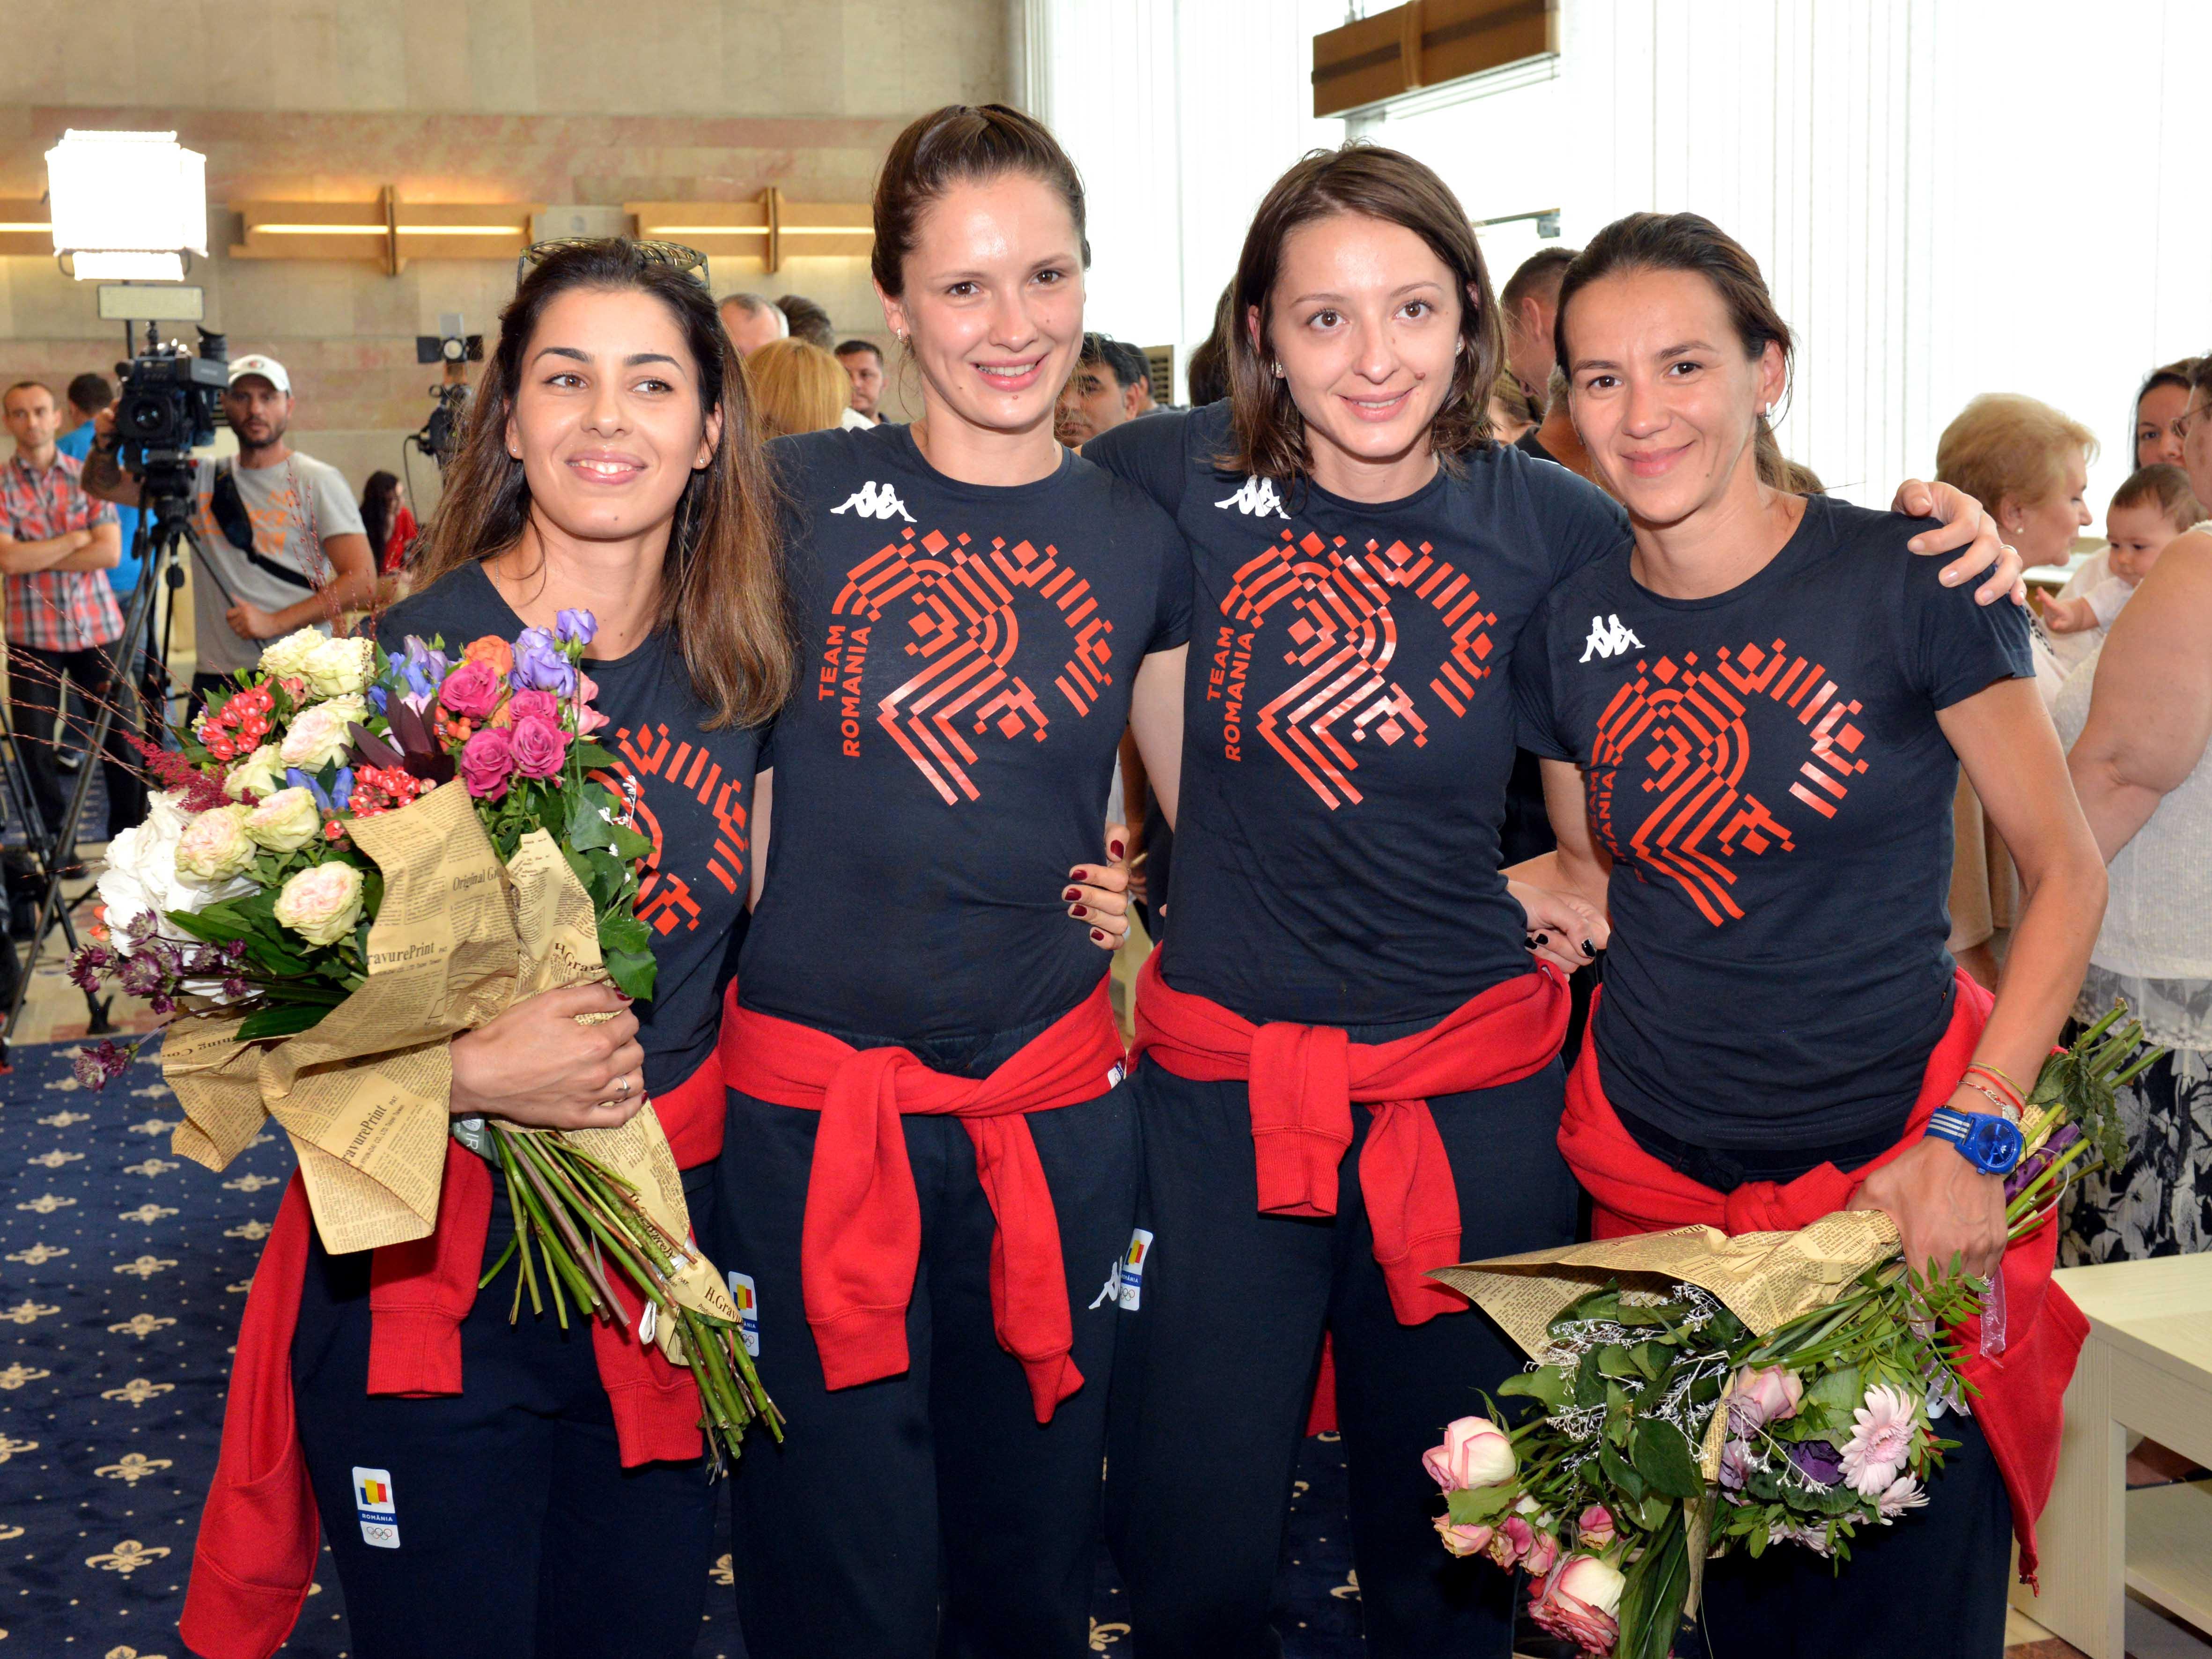 Campioanele olimpice ale României Simona Gherman, Ana Maria Popescu, Simona Pop și Loredana Dinu